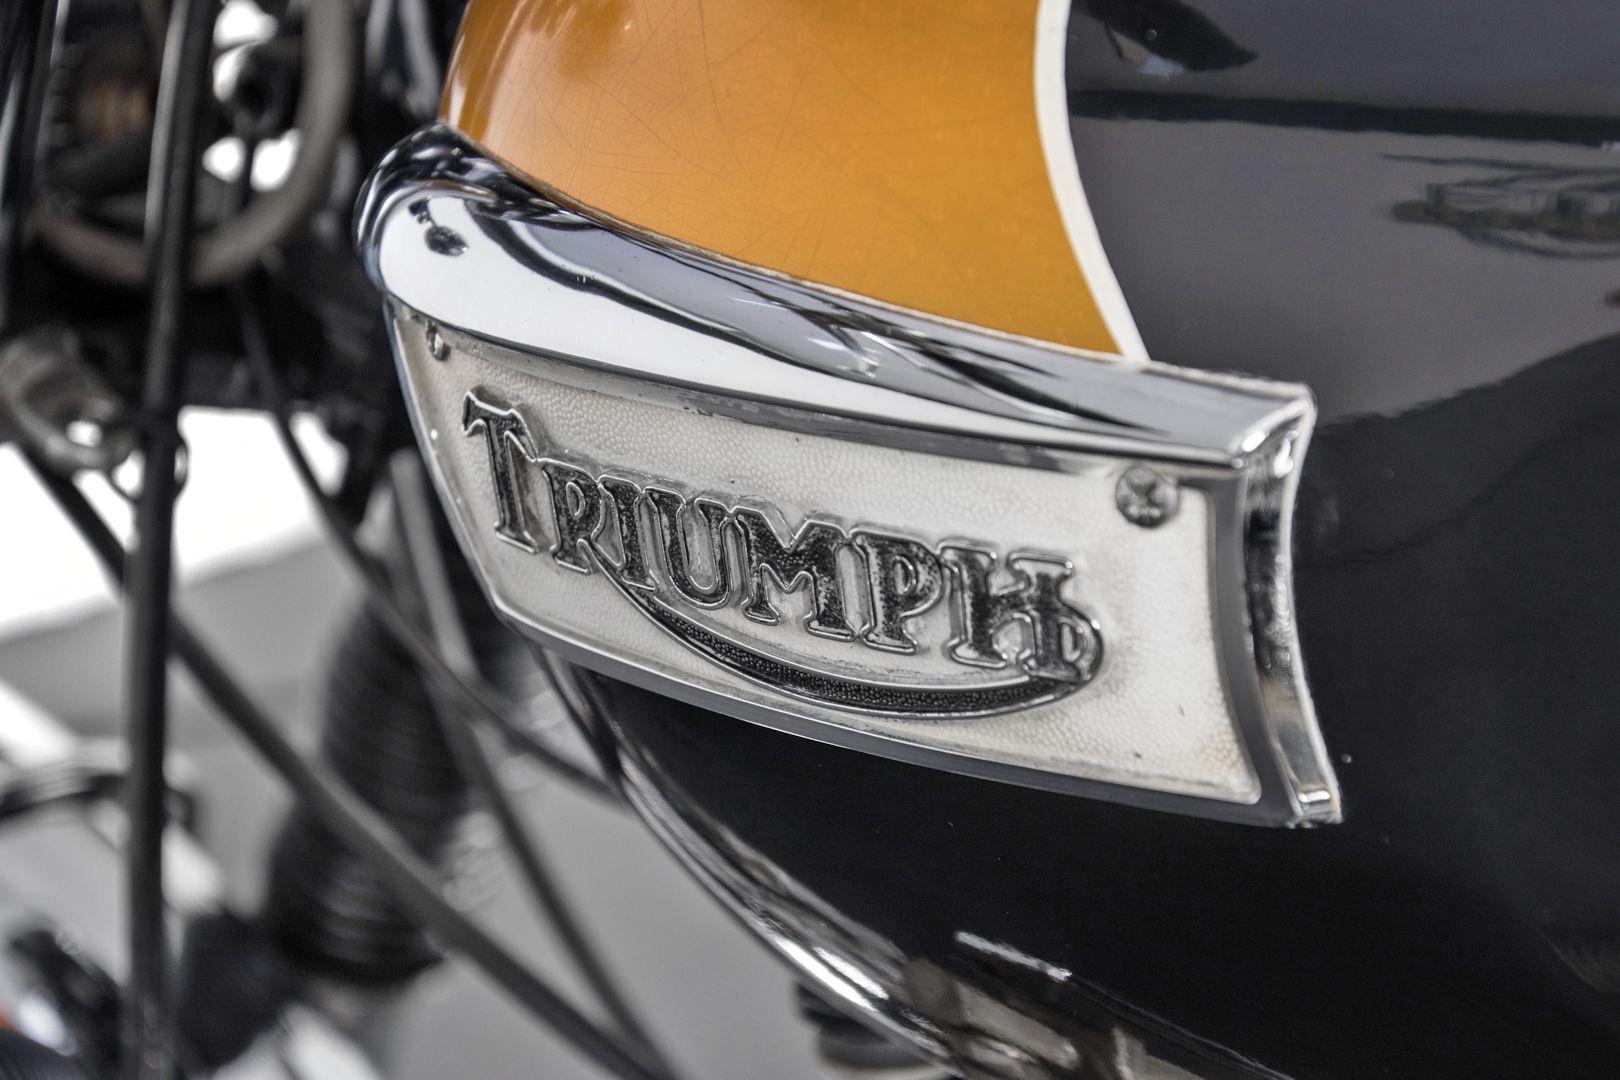 1974 Triumph T150 38326